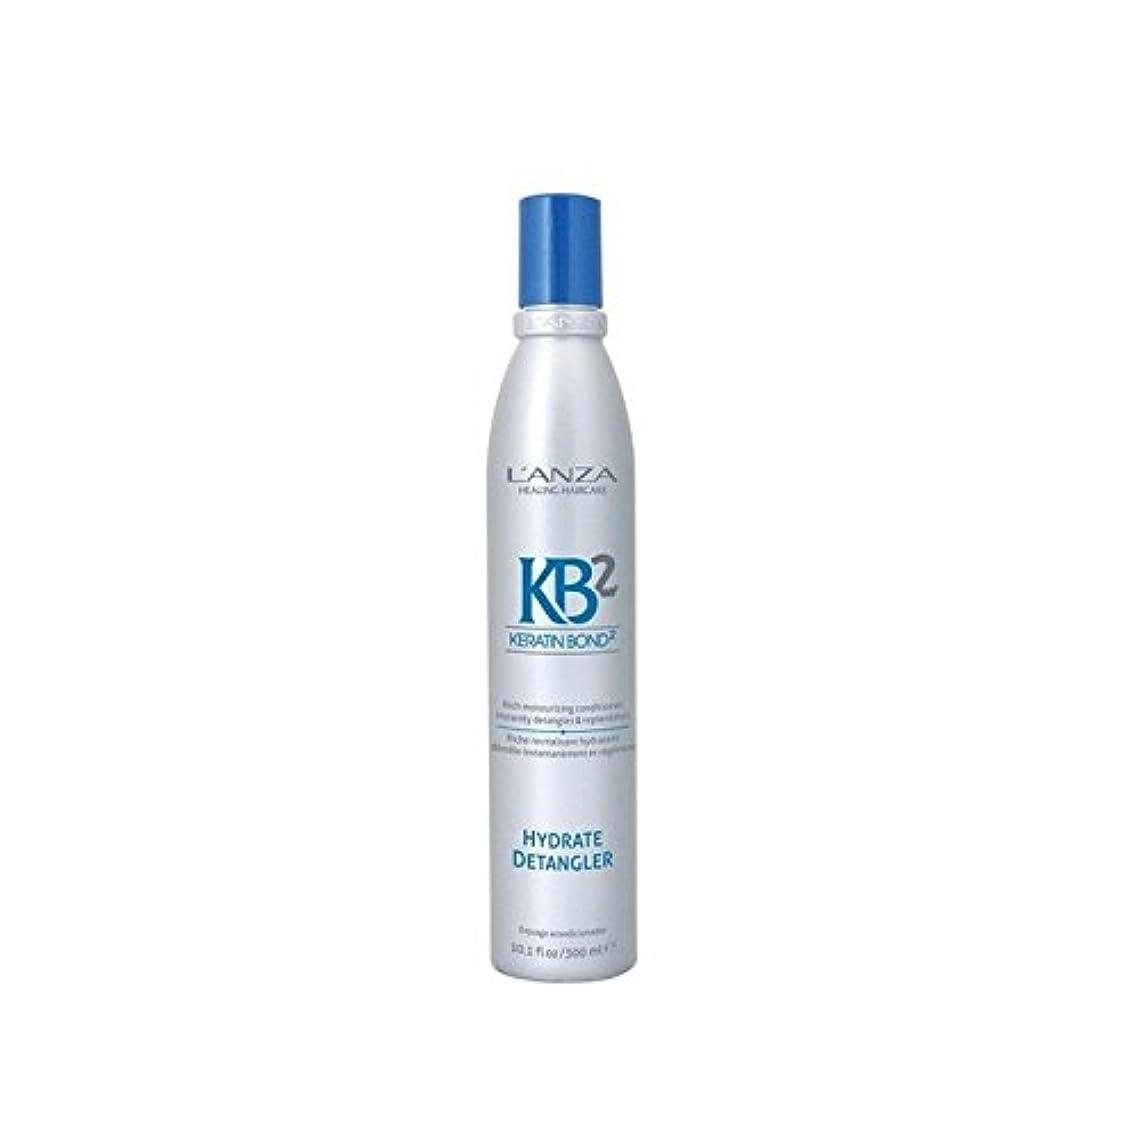 威する上級反論者アンザ2和物(300ミリリットル) x4 - L'Anza Kb2 Hydrate Detangler (300ml) (Pack of 4) [並行輸入品]